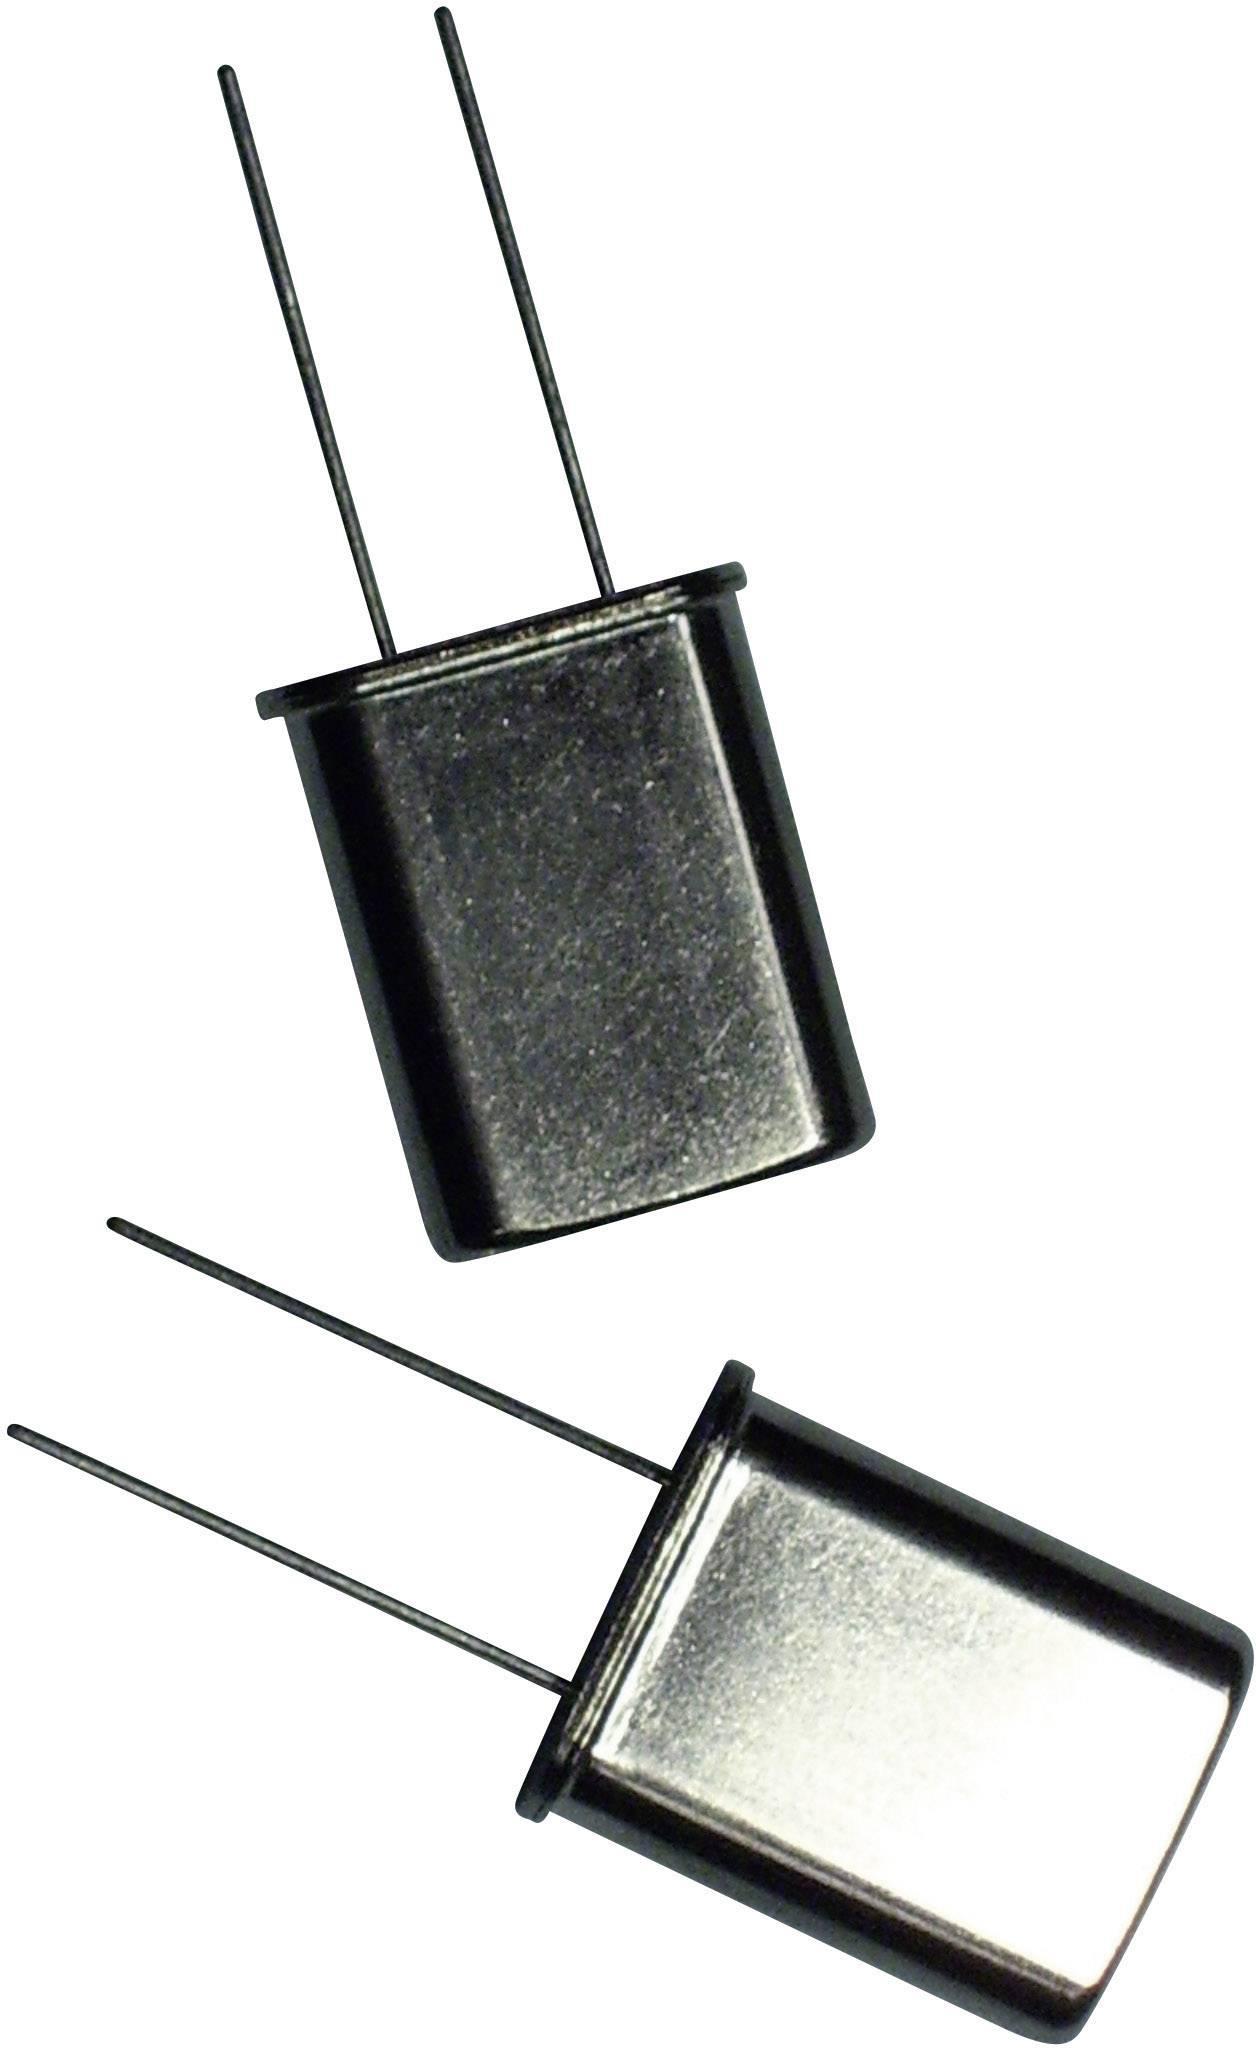 Krystal EuroQuartz, 6 MHz, HC49, 30/50/40/18PF/ATF